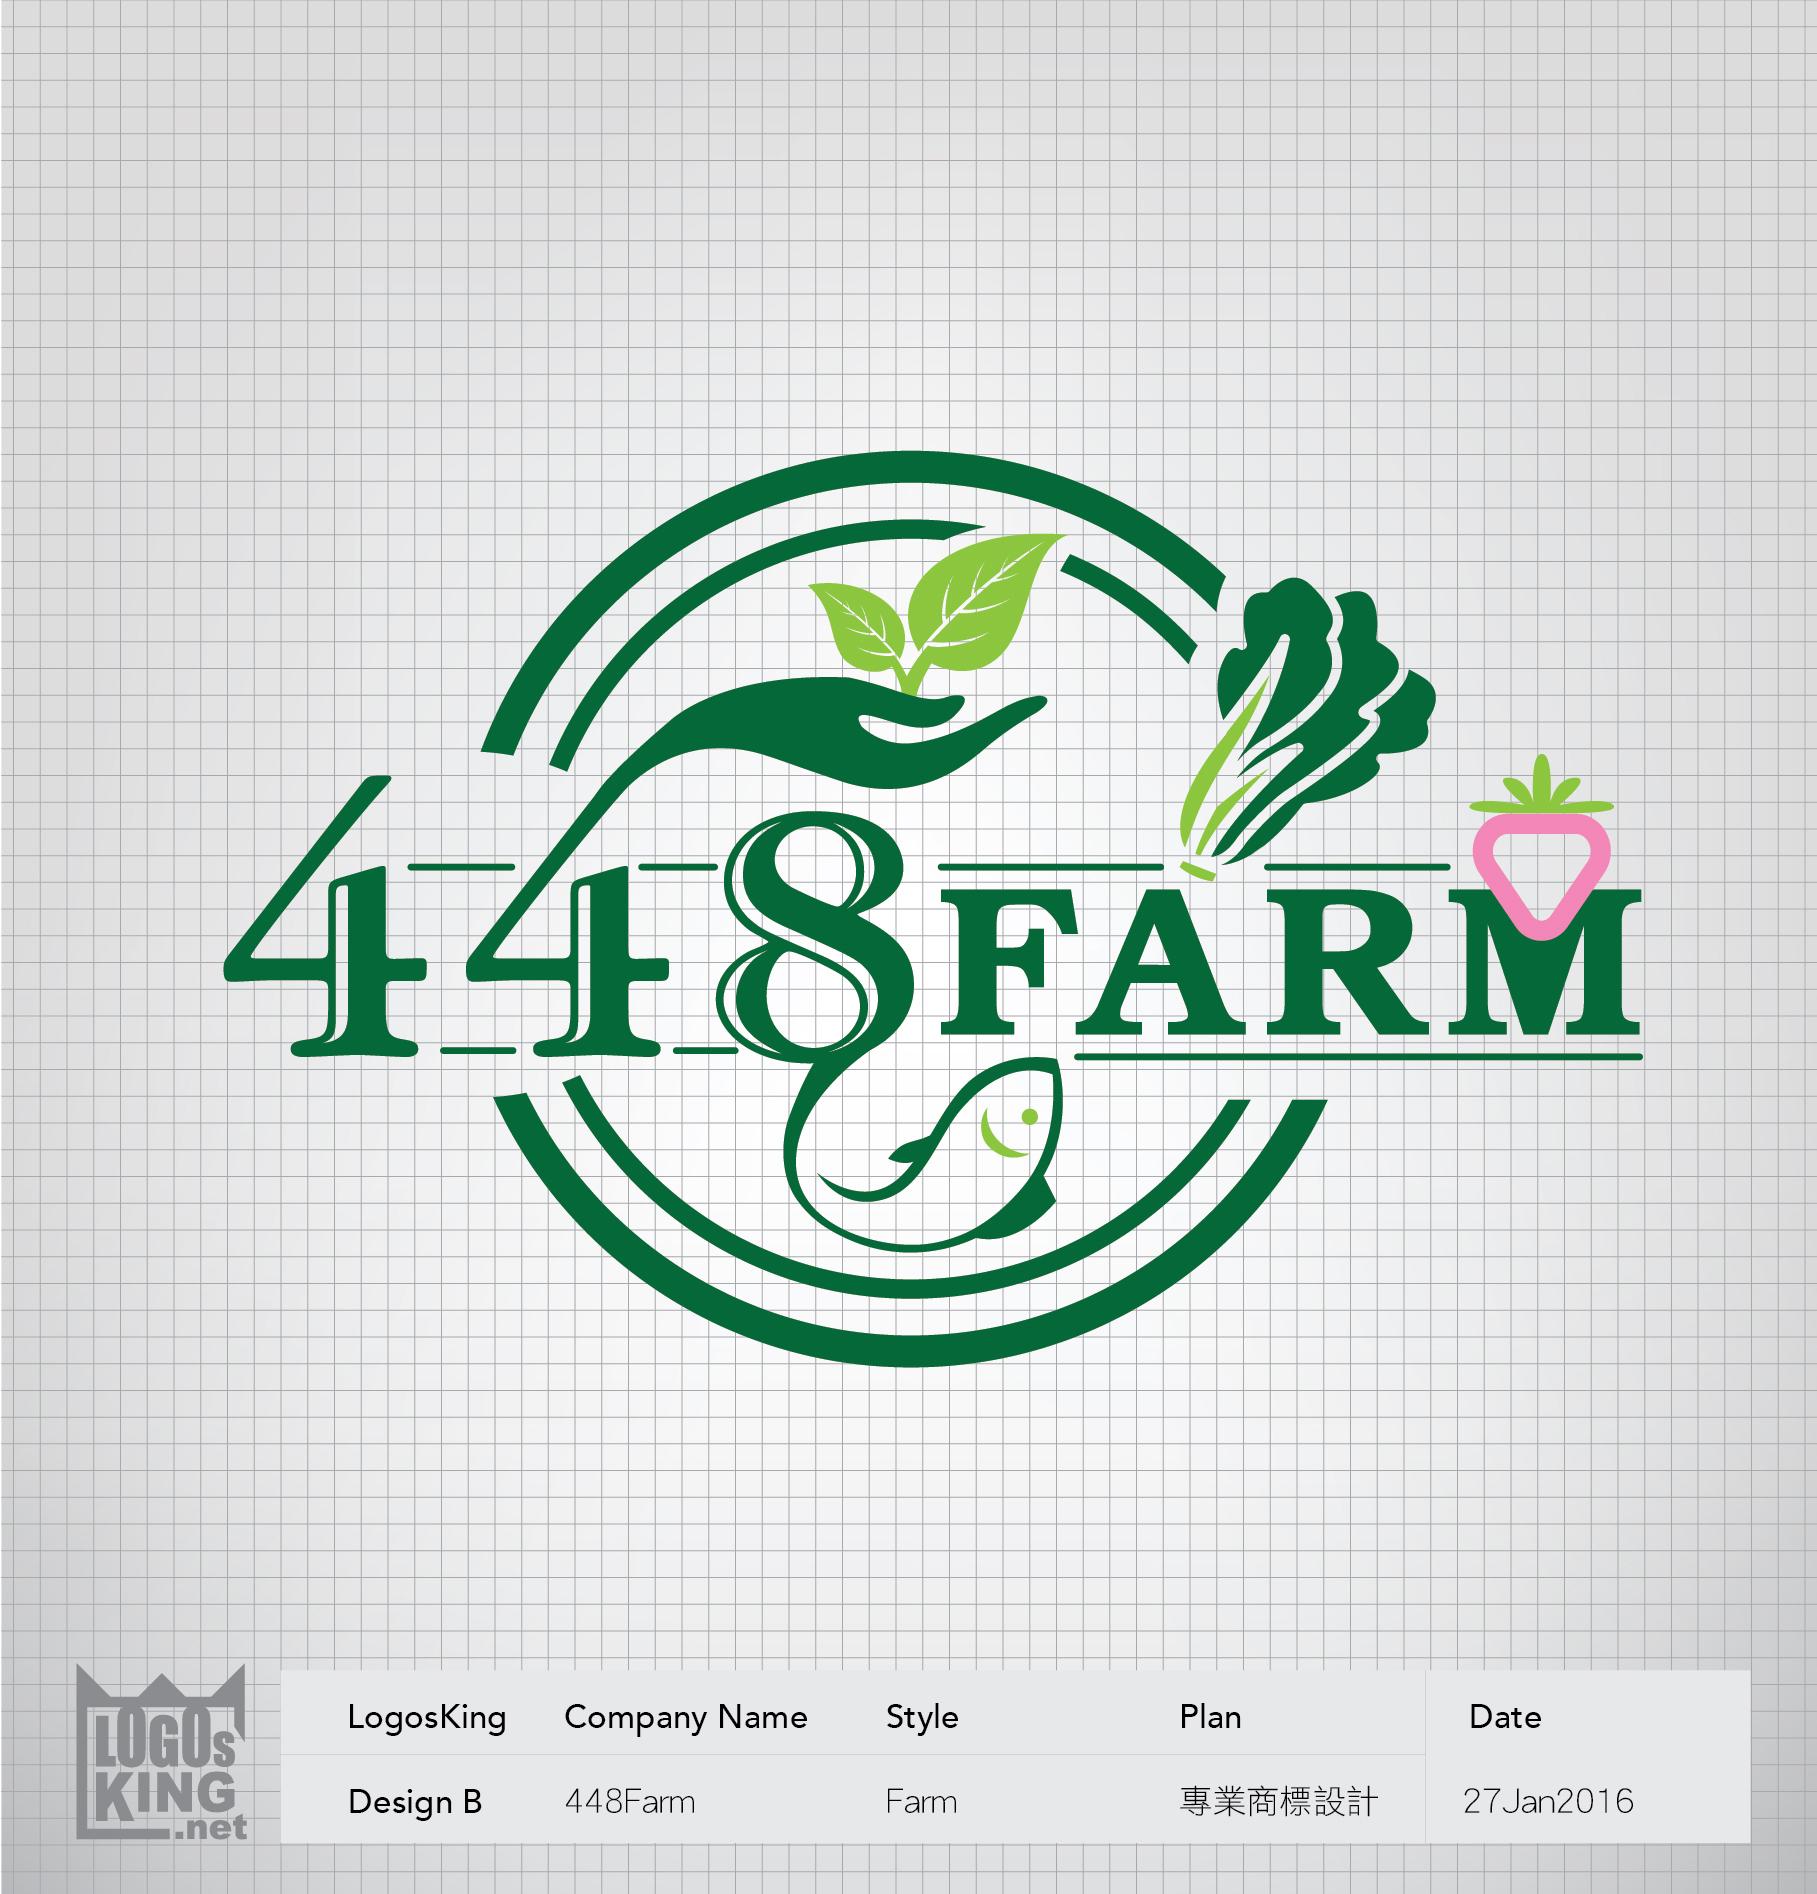 448Farm_Logo_v1-02.jpg